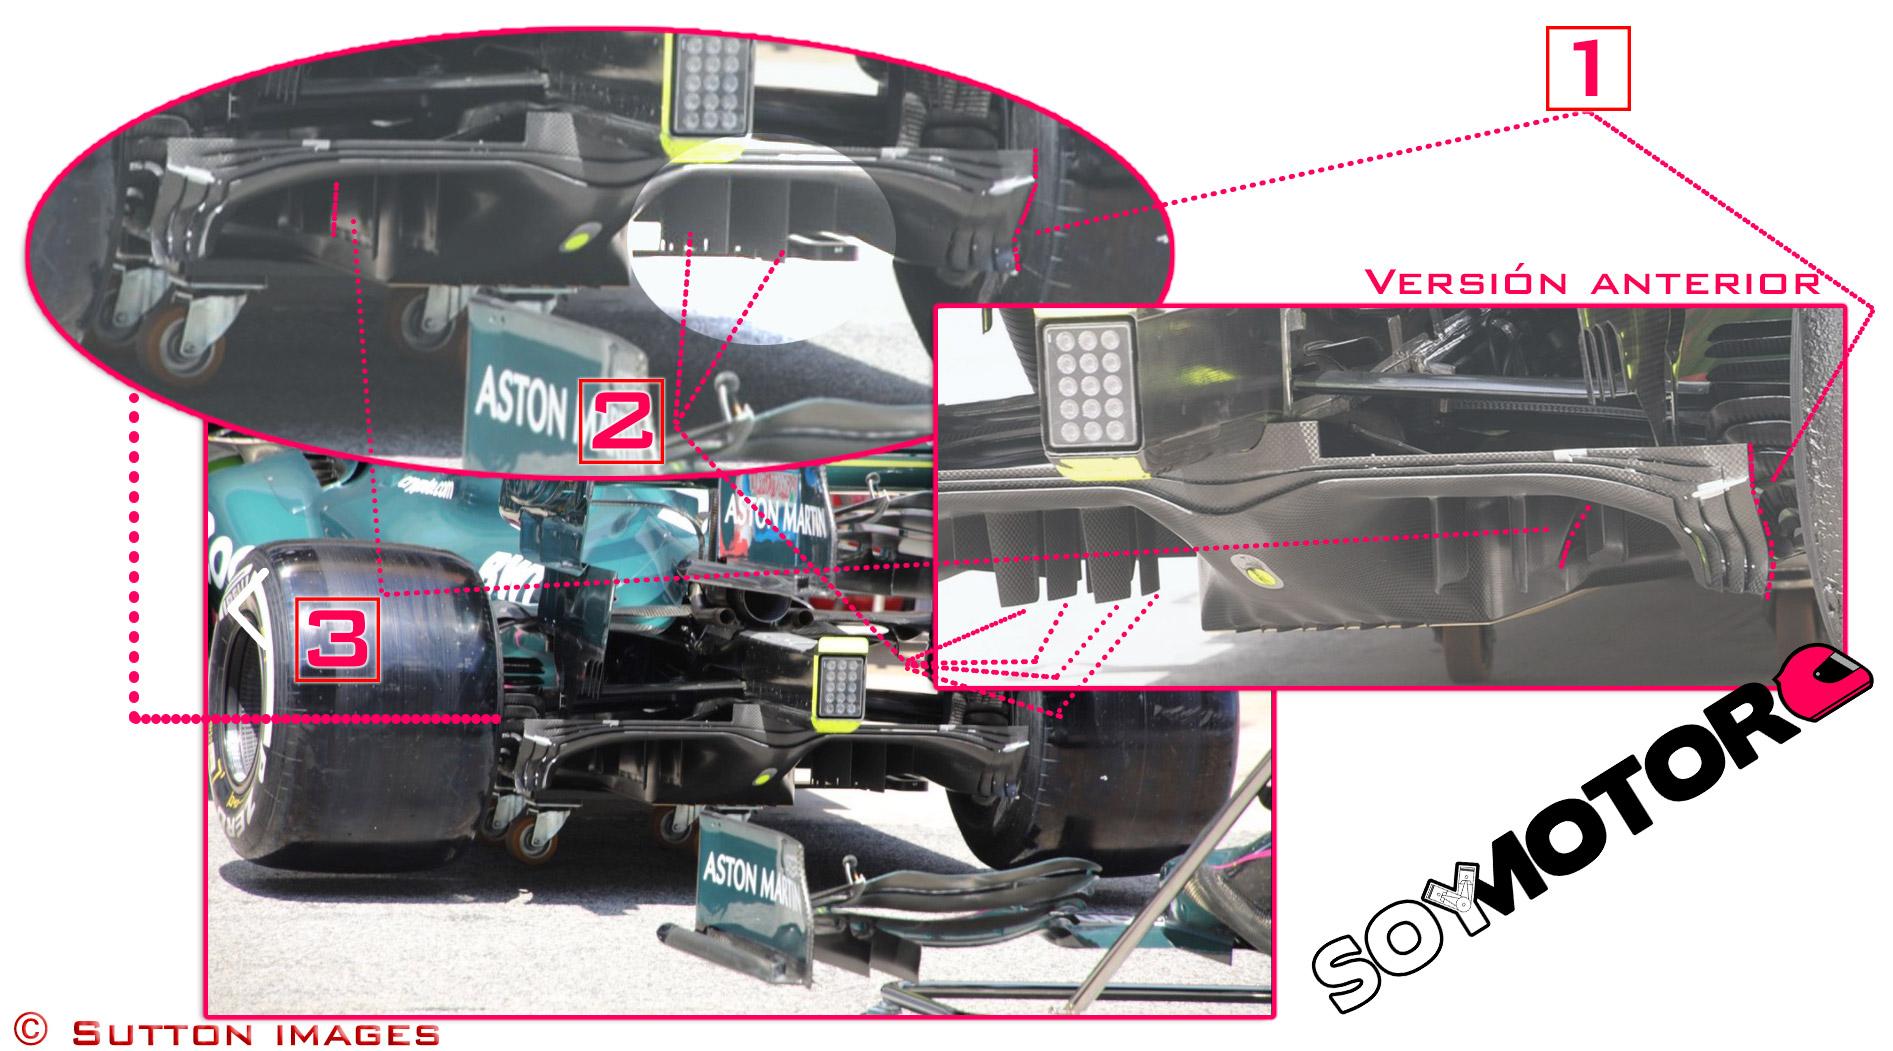 aston-martin-nuevo-difusor-soymotor.jpg